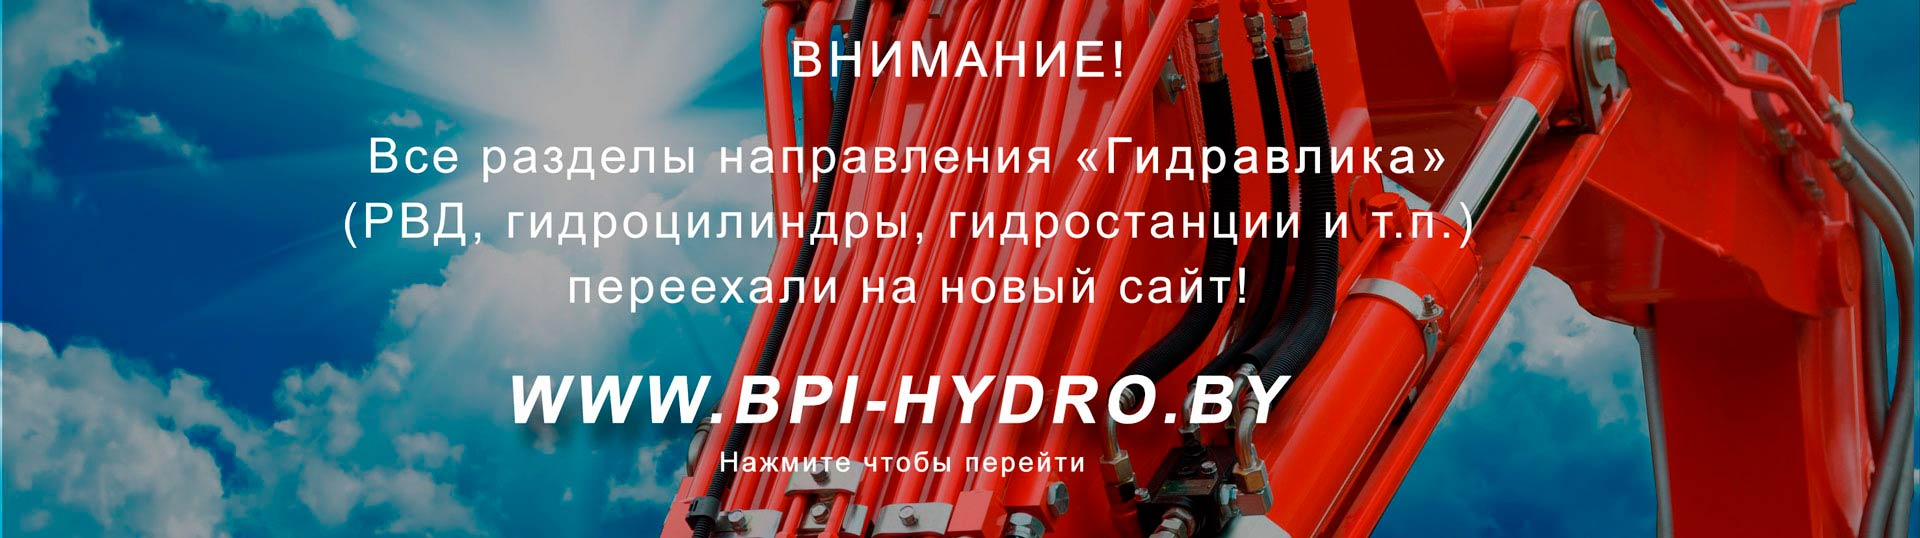 новый сайт гидравлики